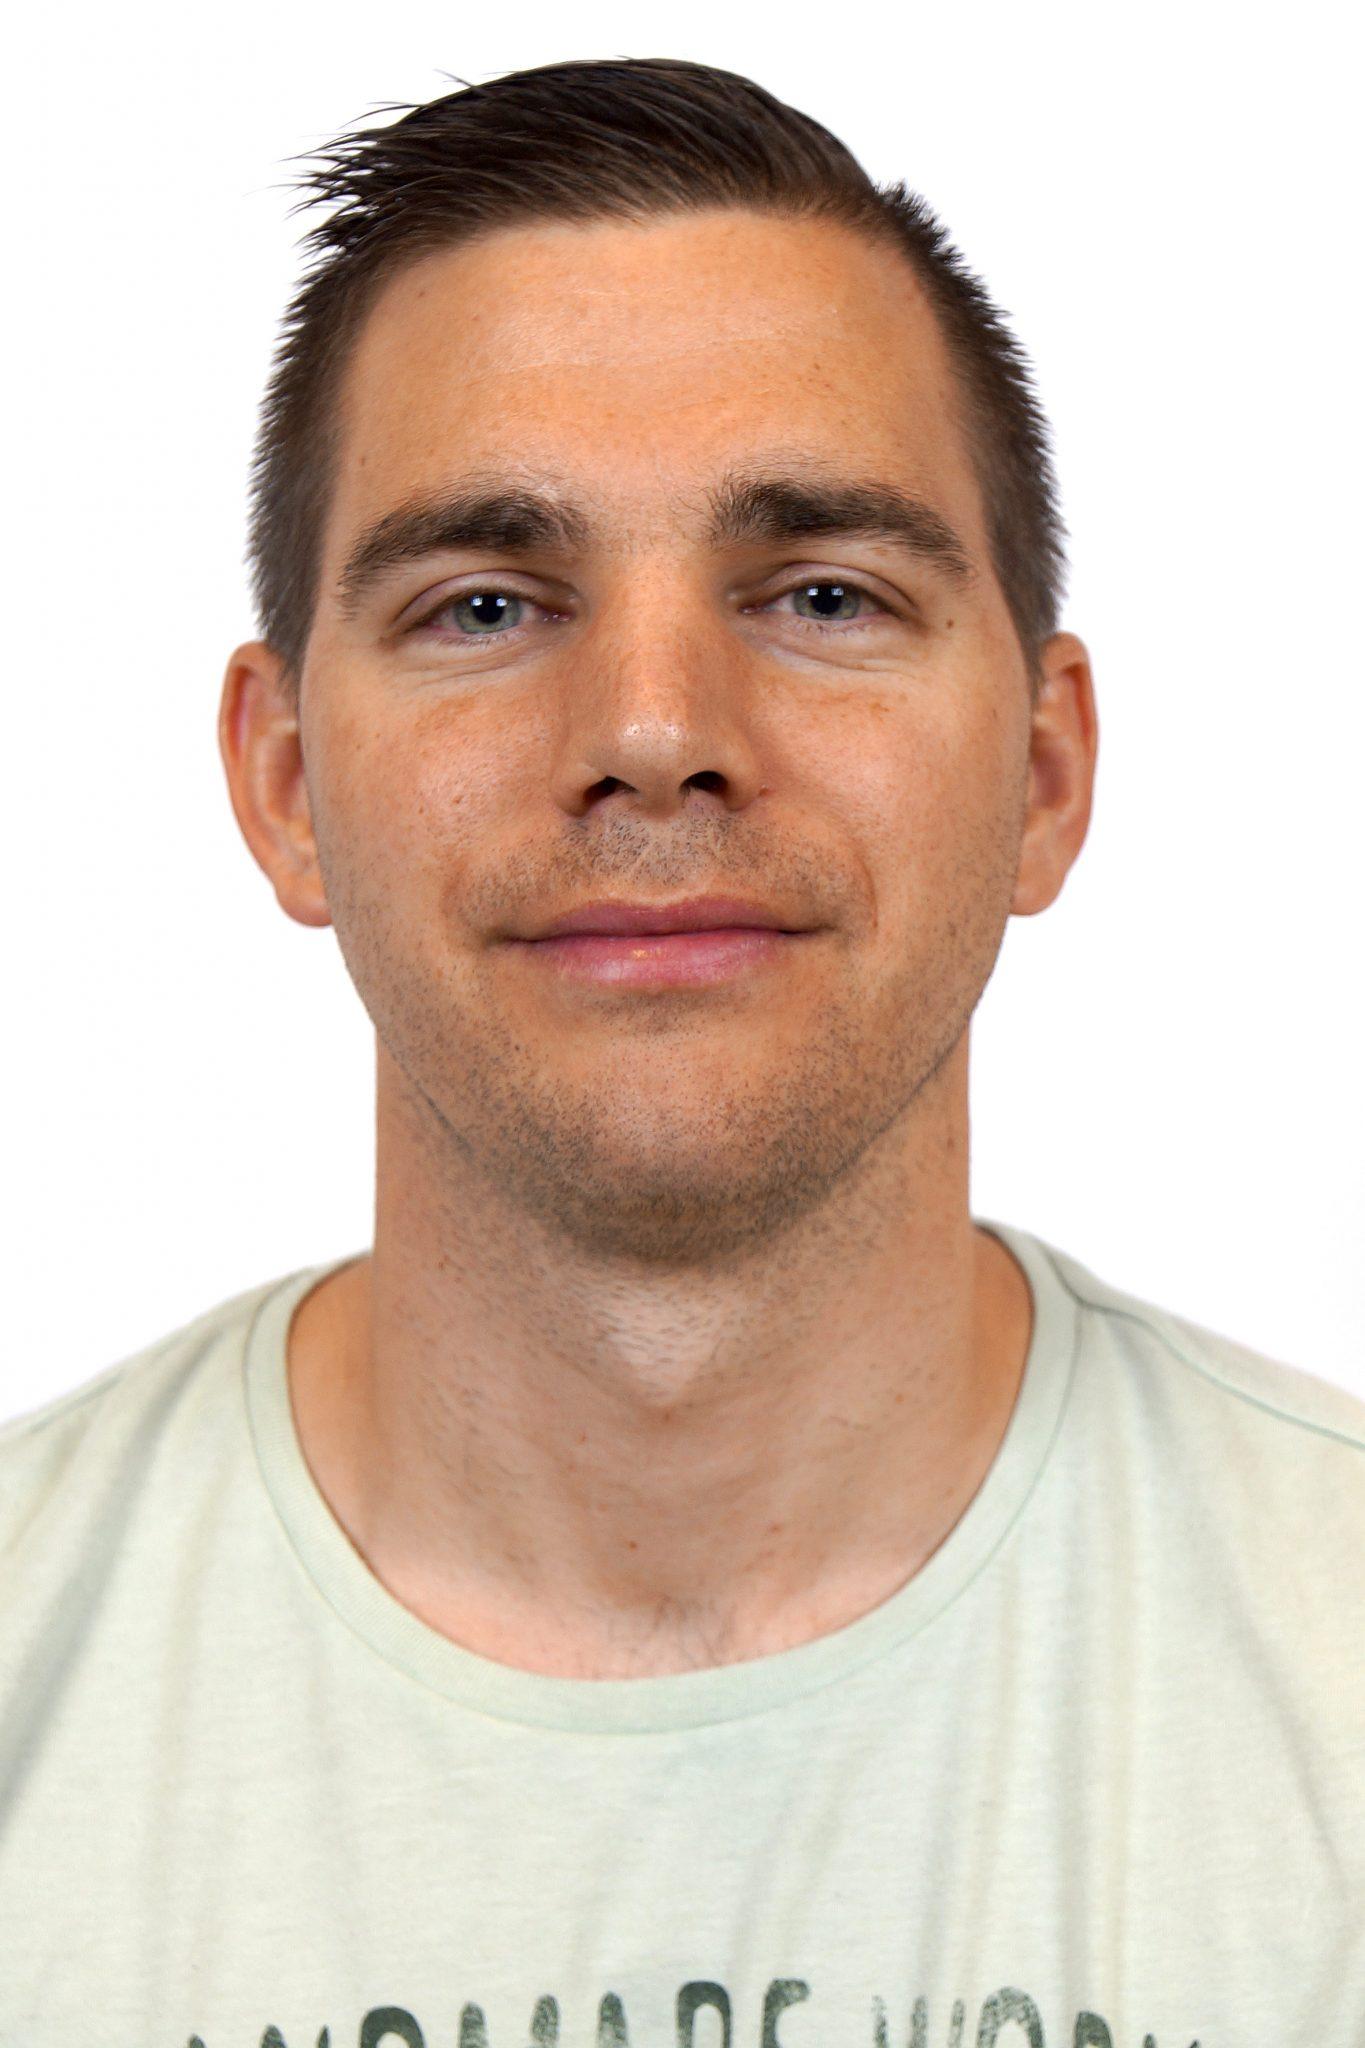 Robin Schellings